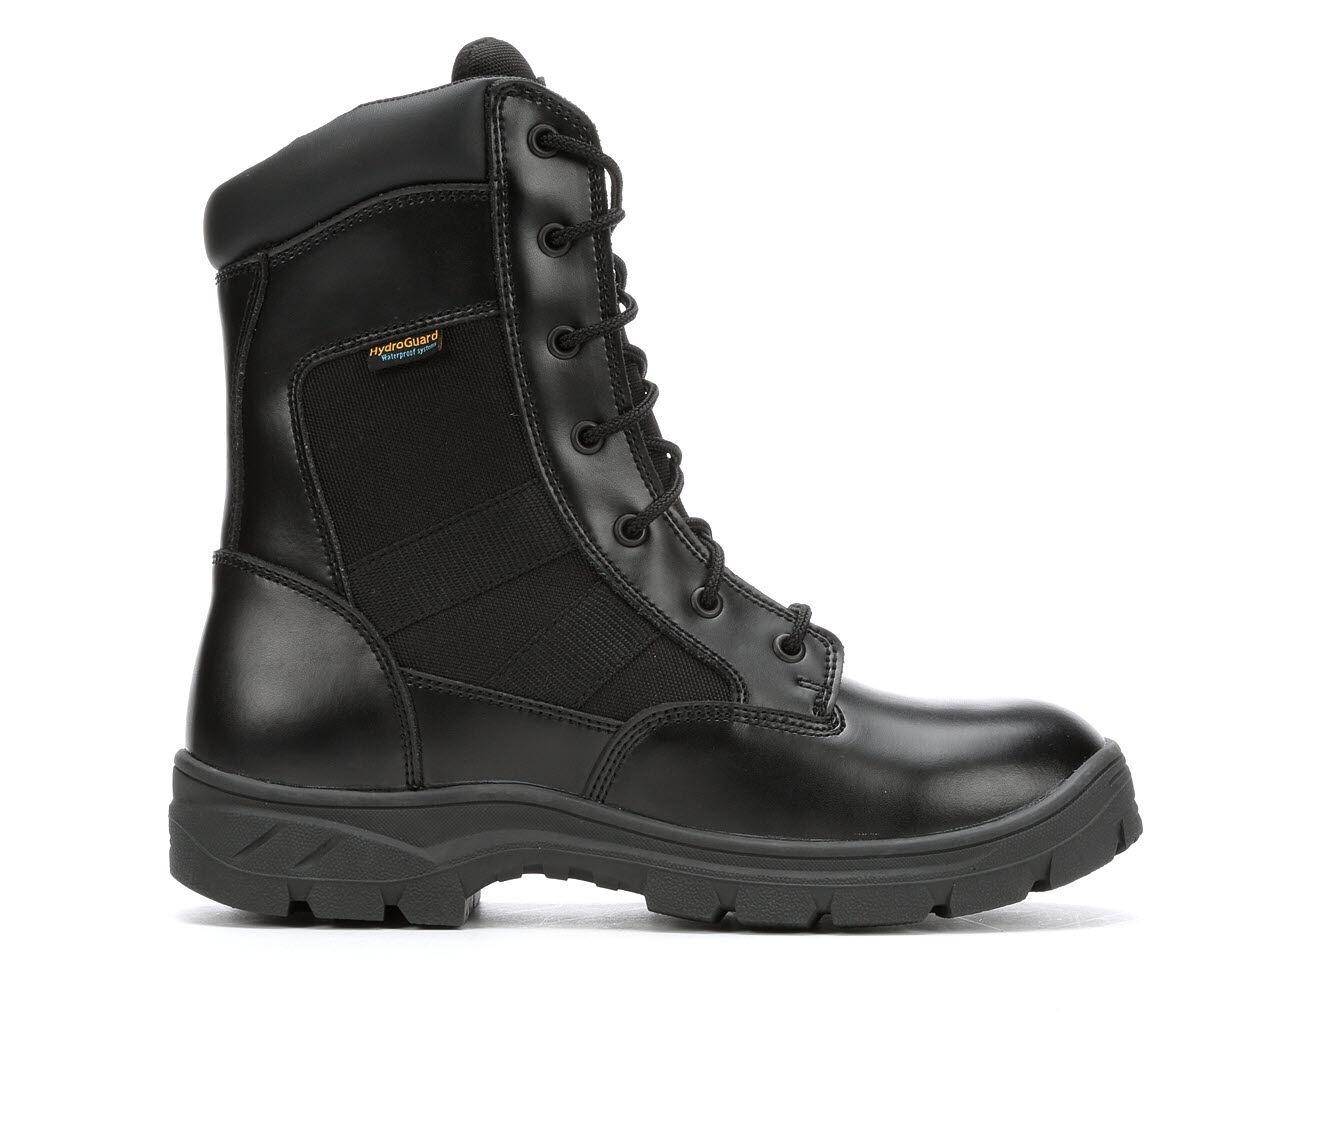 Men's Skechers Work Athas Zip Waterproof 77514 Work Boots Black